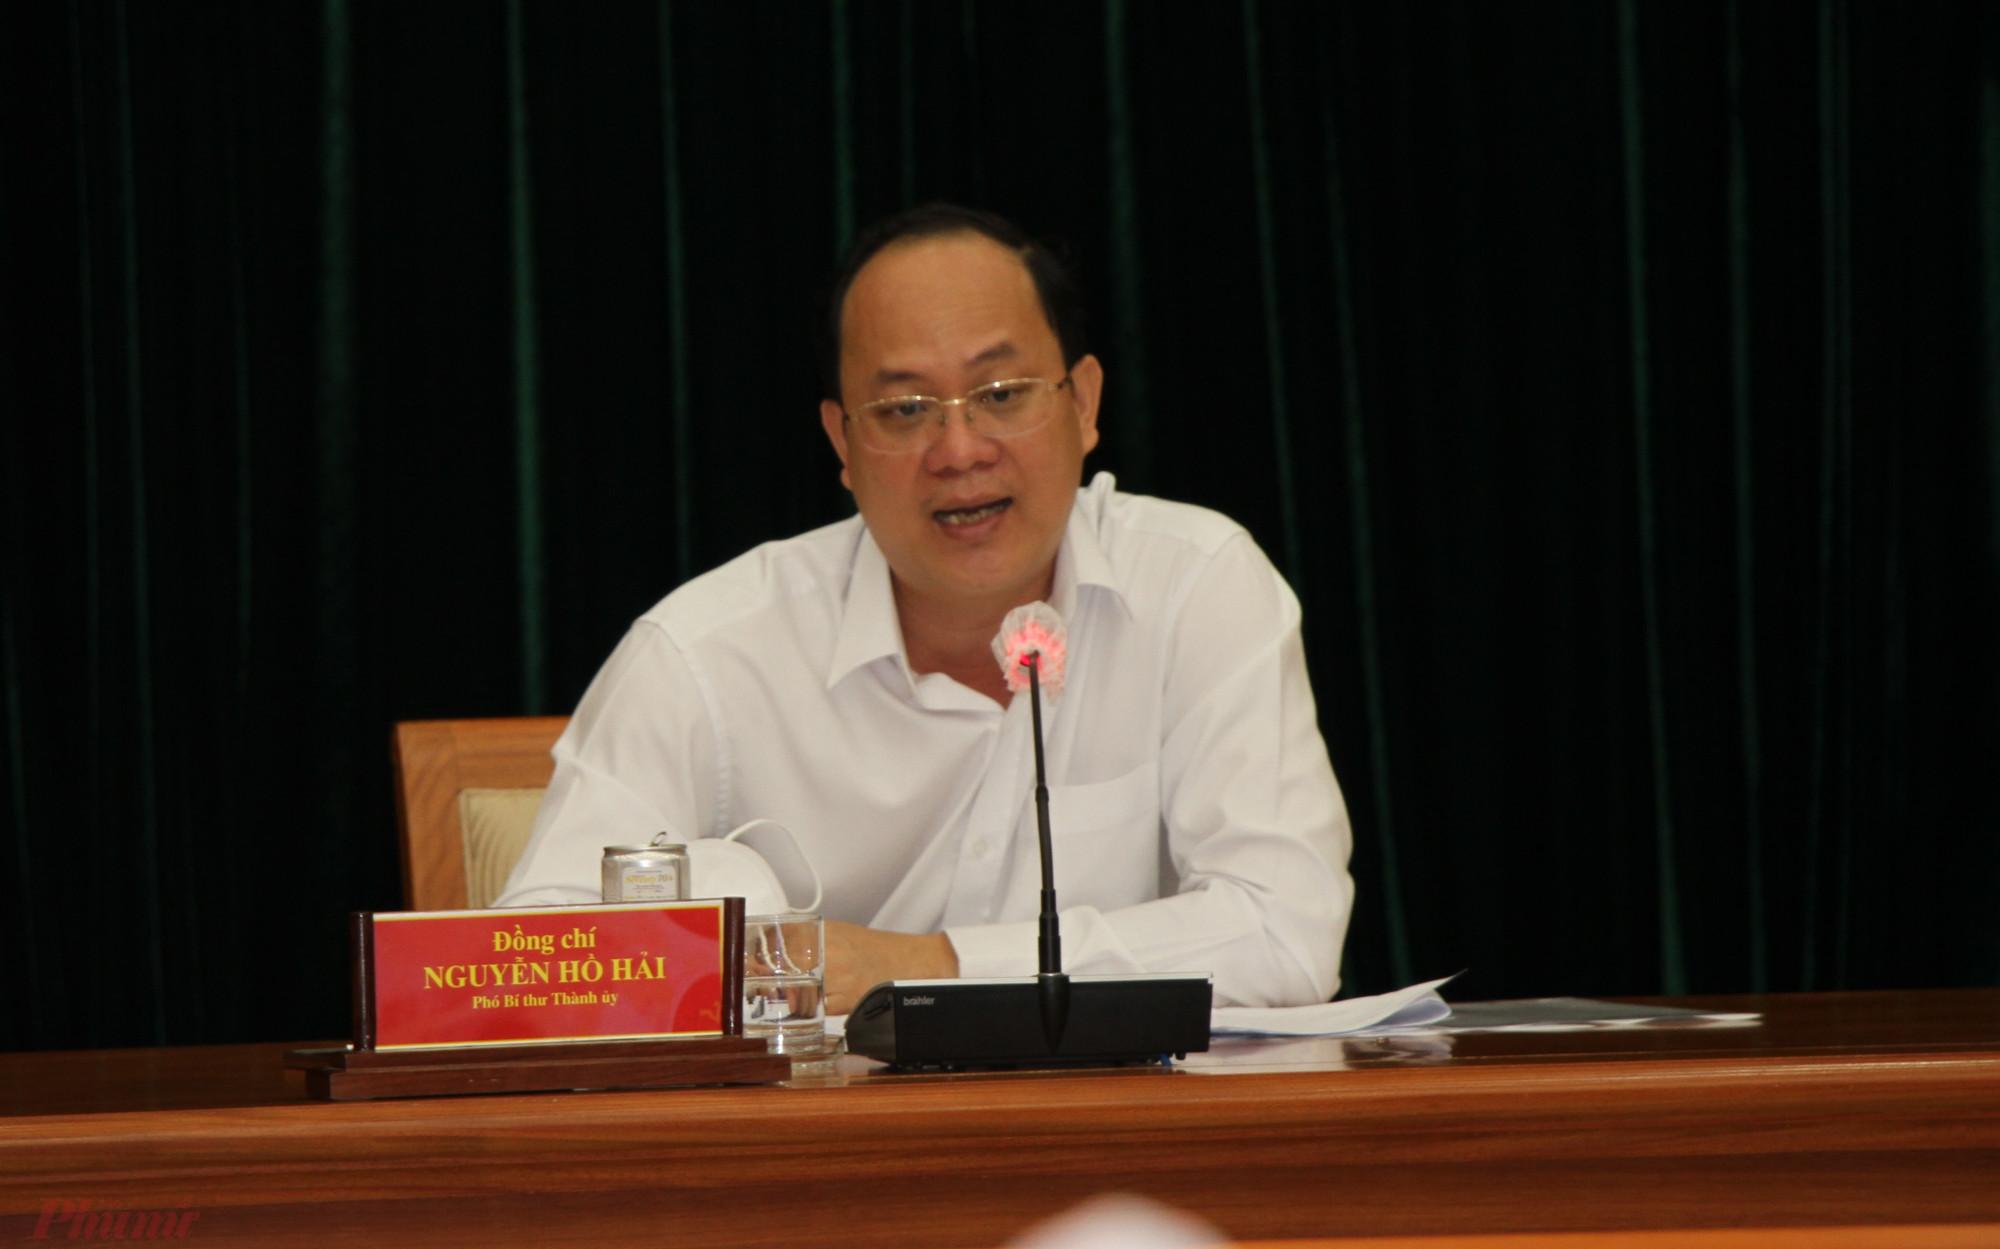 Phó bí thư Thành ủy Nguyễn Hồ Hải chủ trì hội nghị